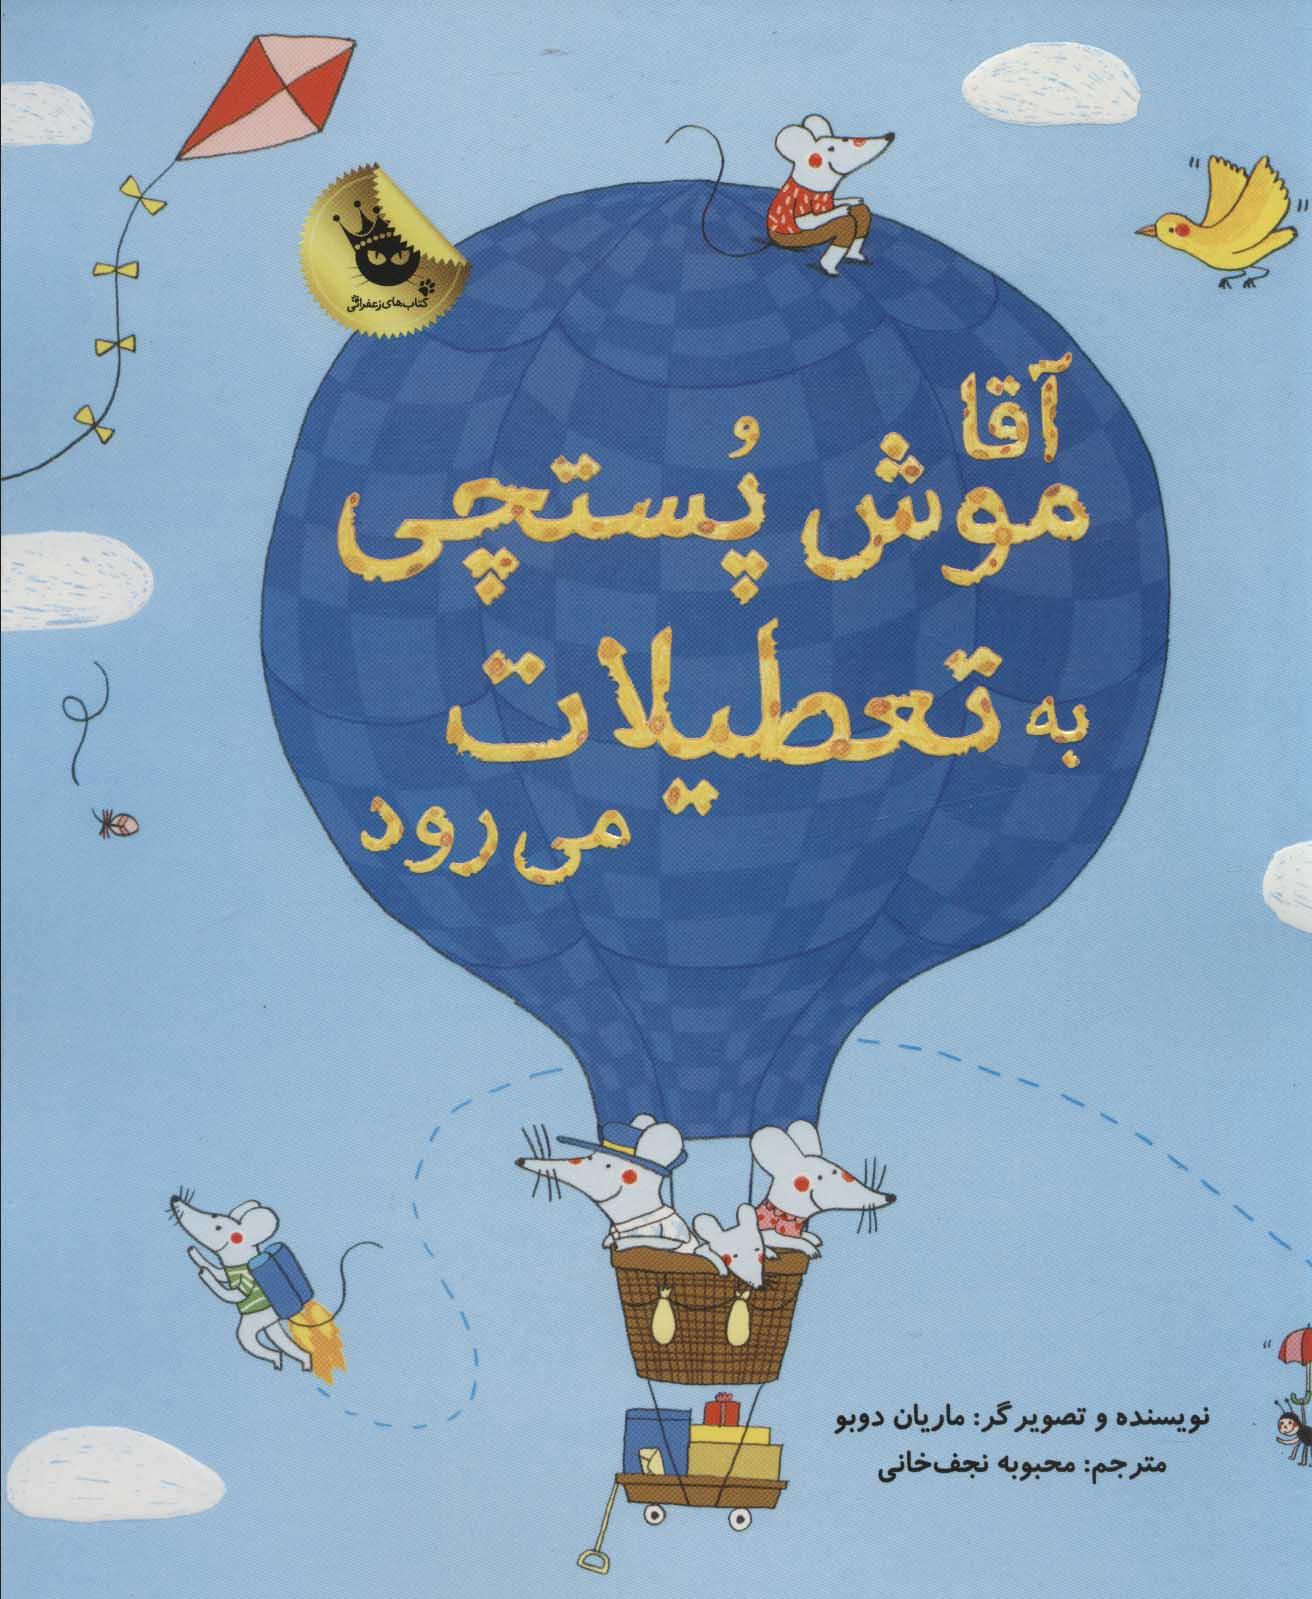 کتاب آقا موش پستچی به تعطیلات می رود